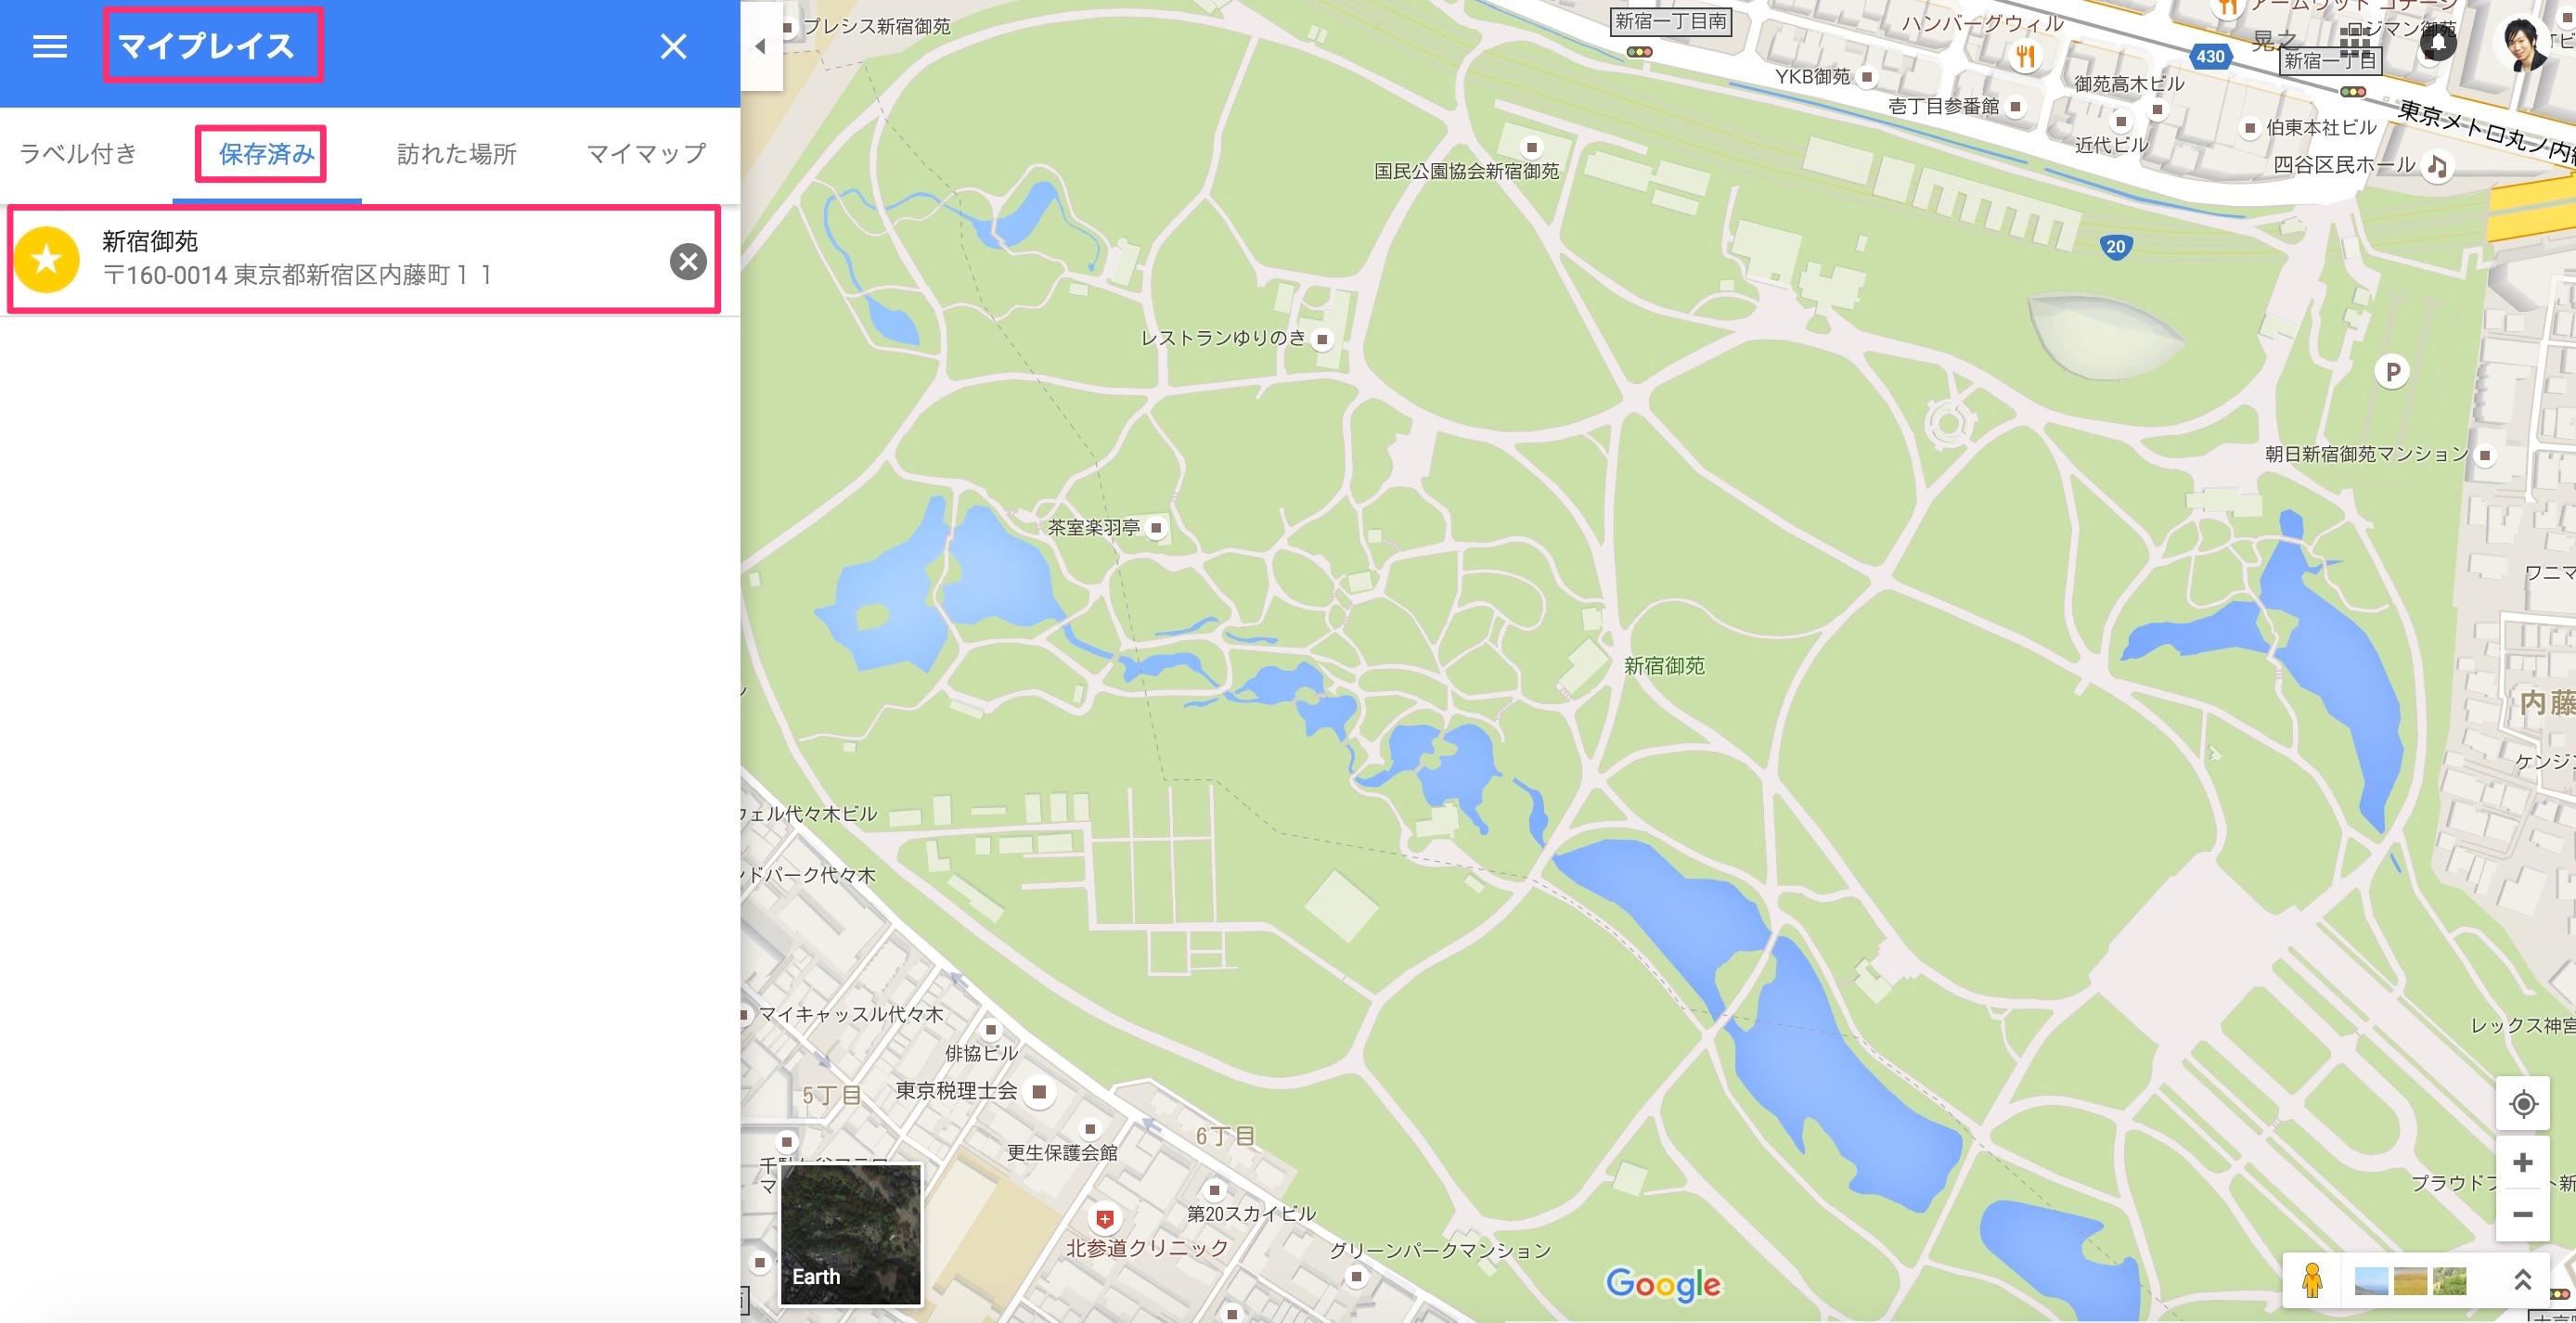 googlemapのマイプレイスの使い方12